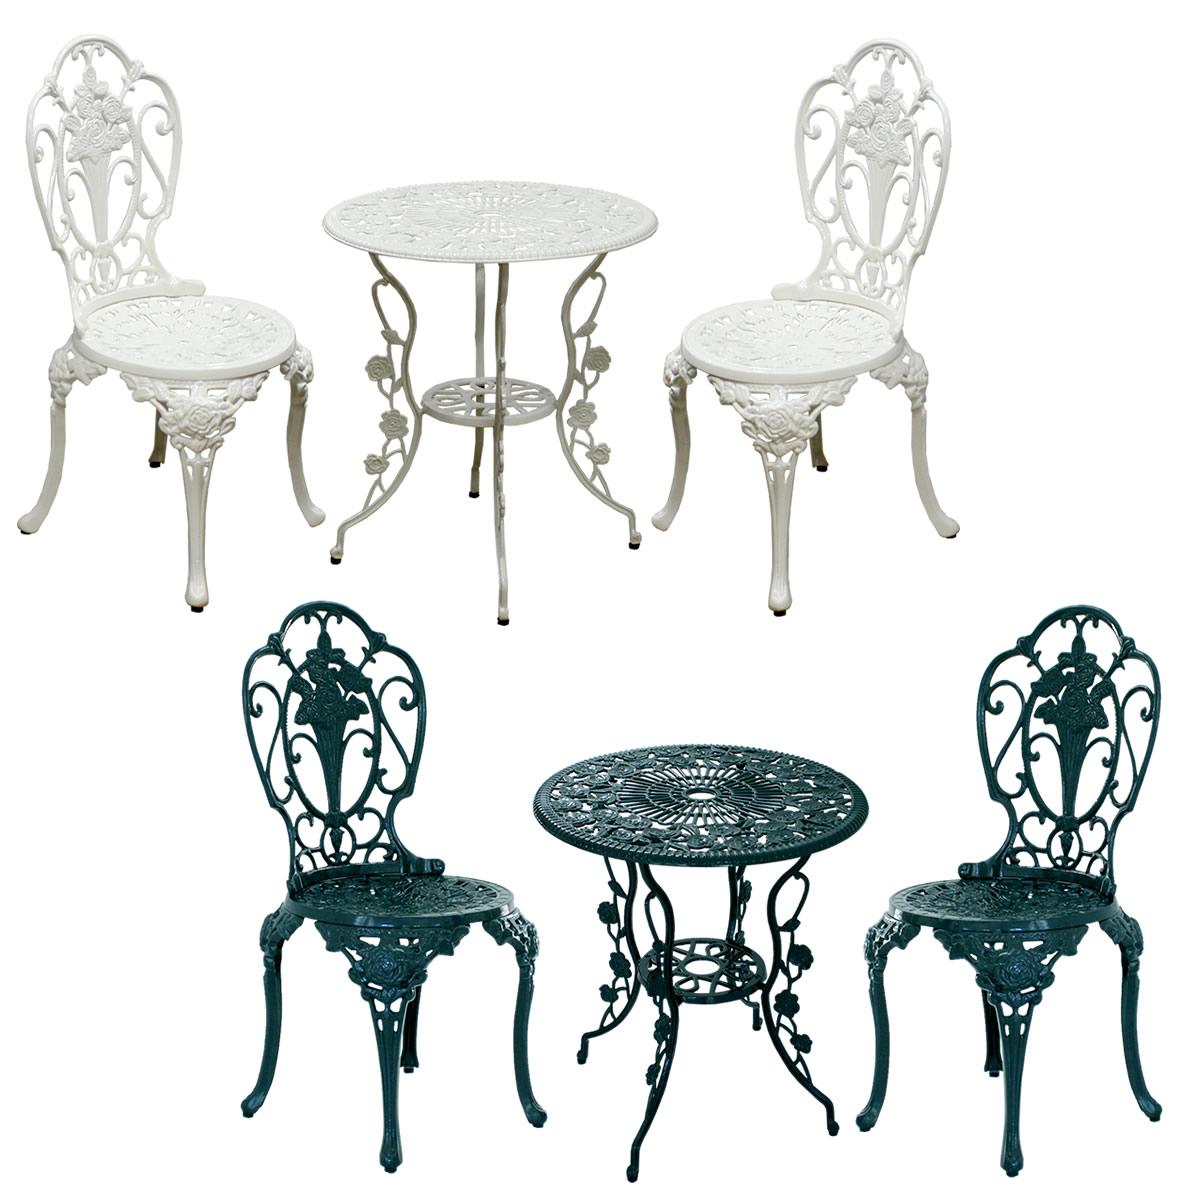 アルミ製テーブル&チェア3点セット「イングリッシュ・ローズ」 RT001-3PSET